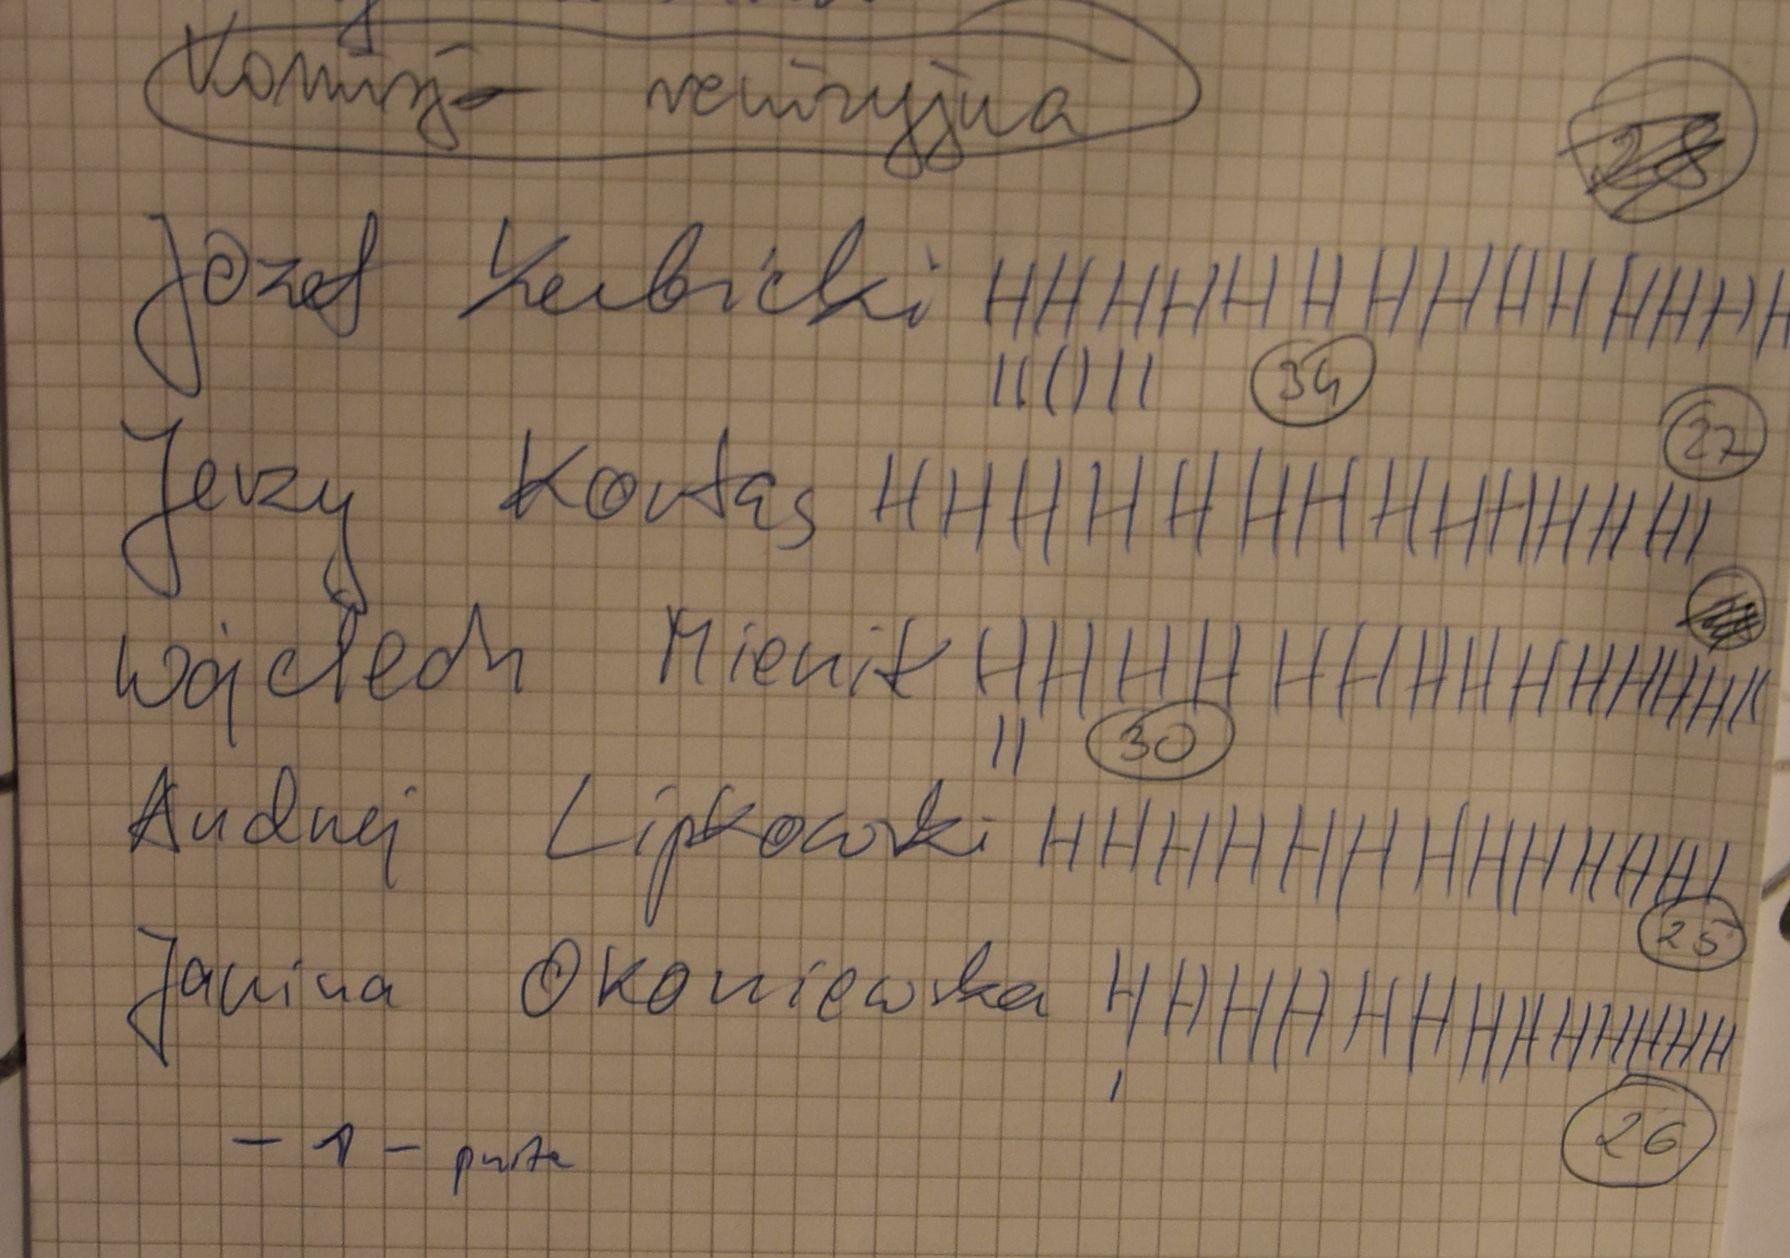 NASZ GDANSK wynika glosowania Kpmisja Rewyzyjna Fot_Janusz Wikowski A31_8031